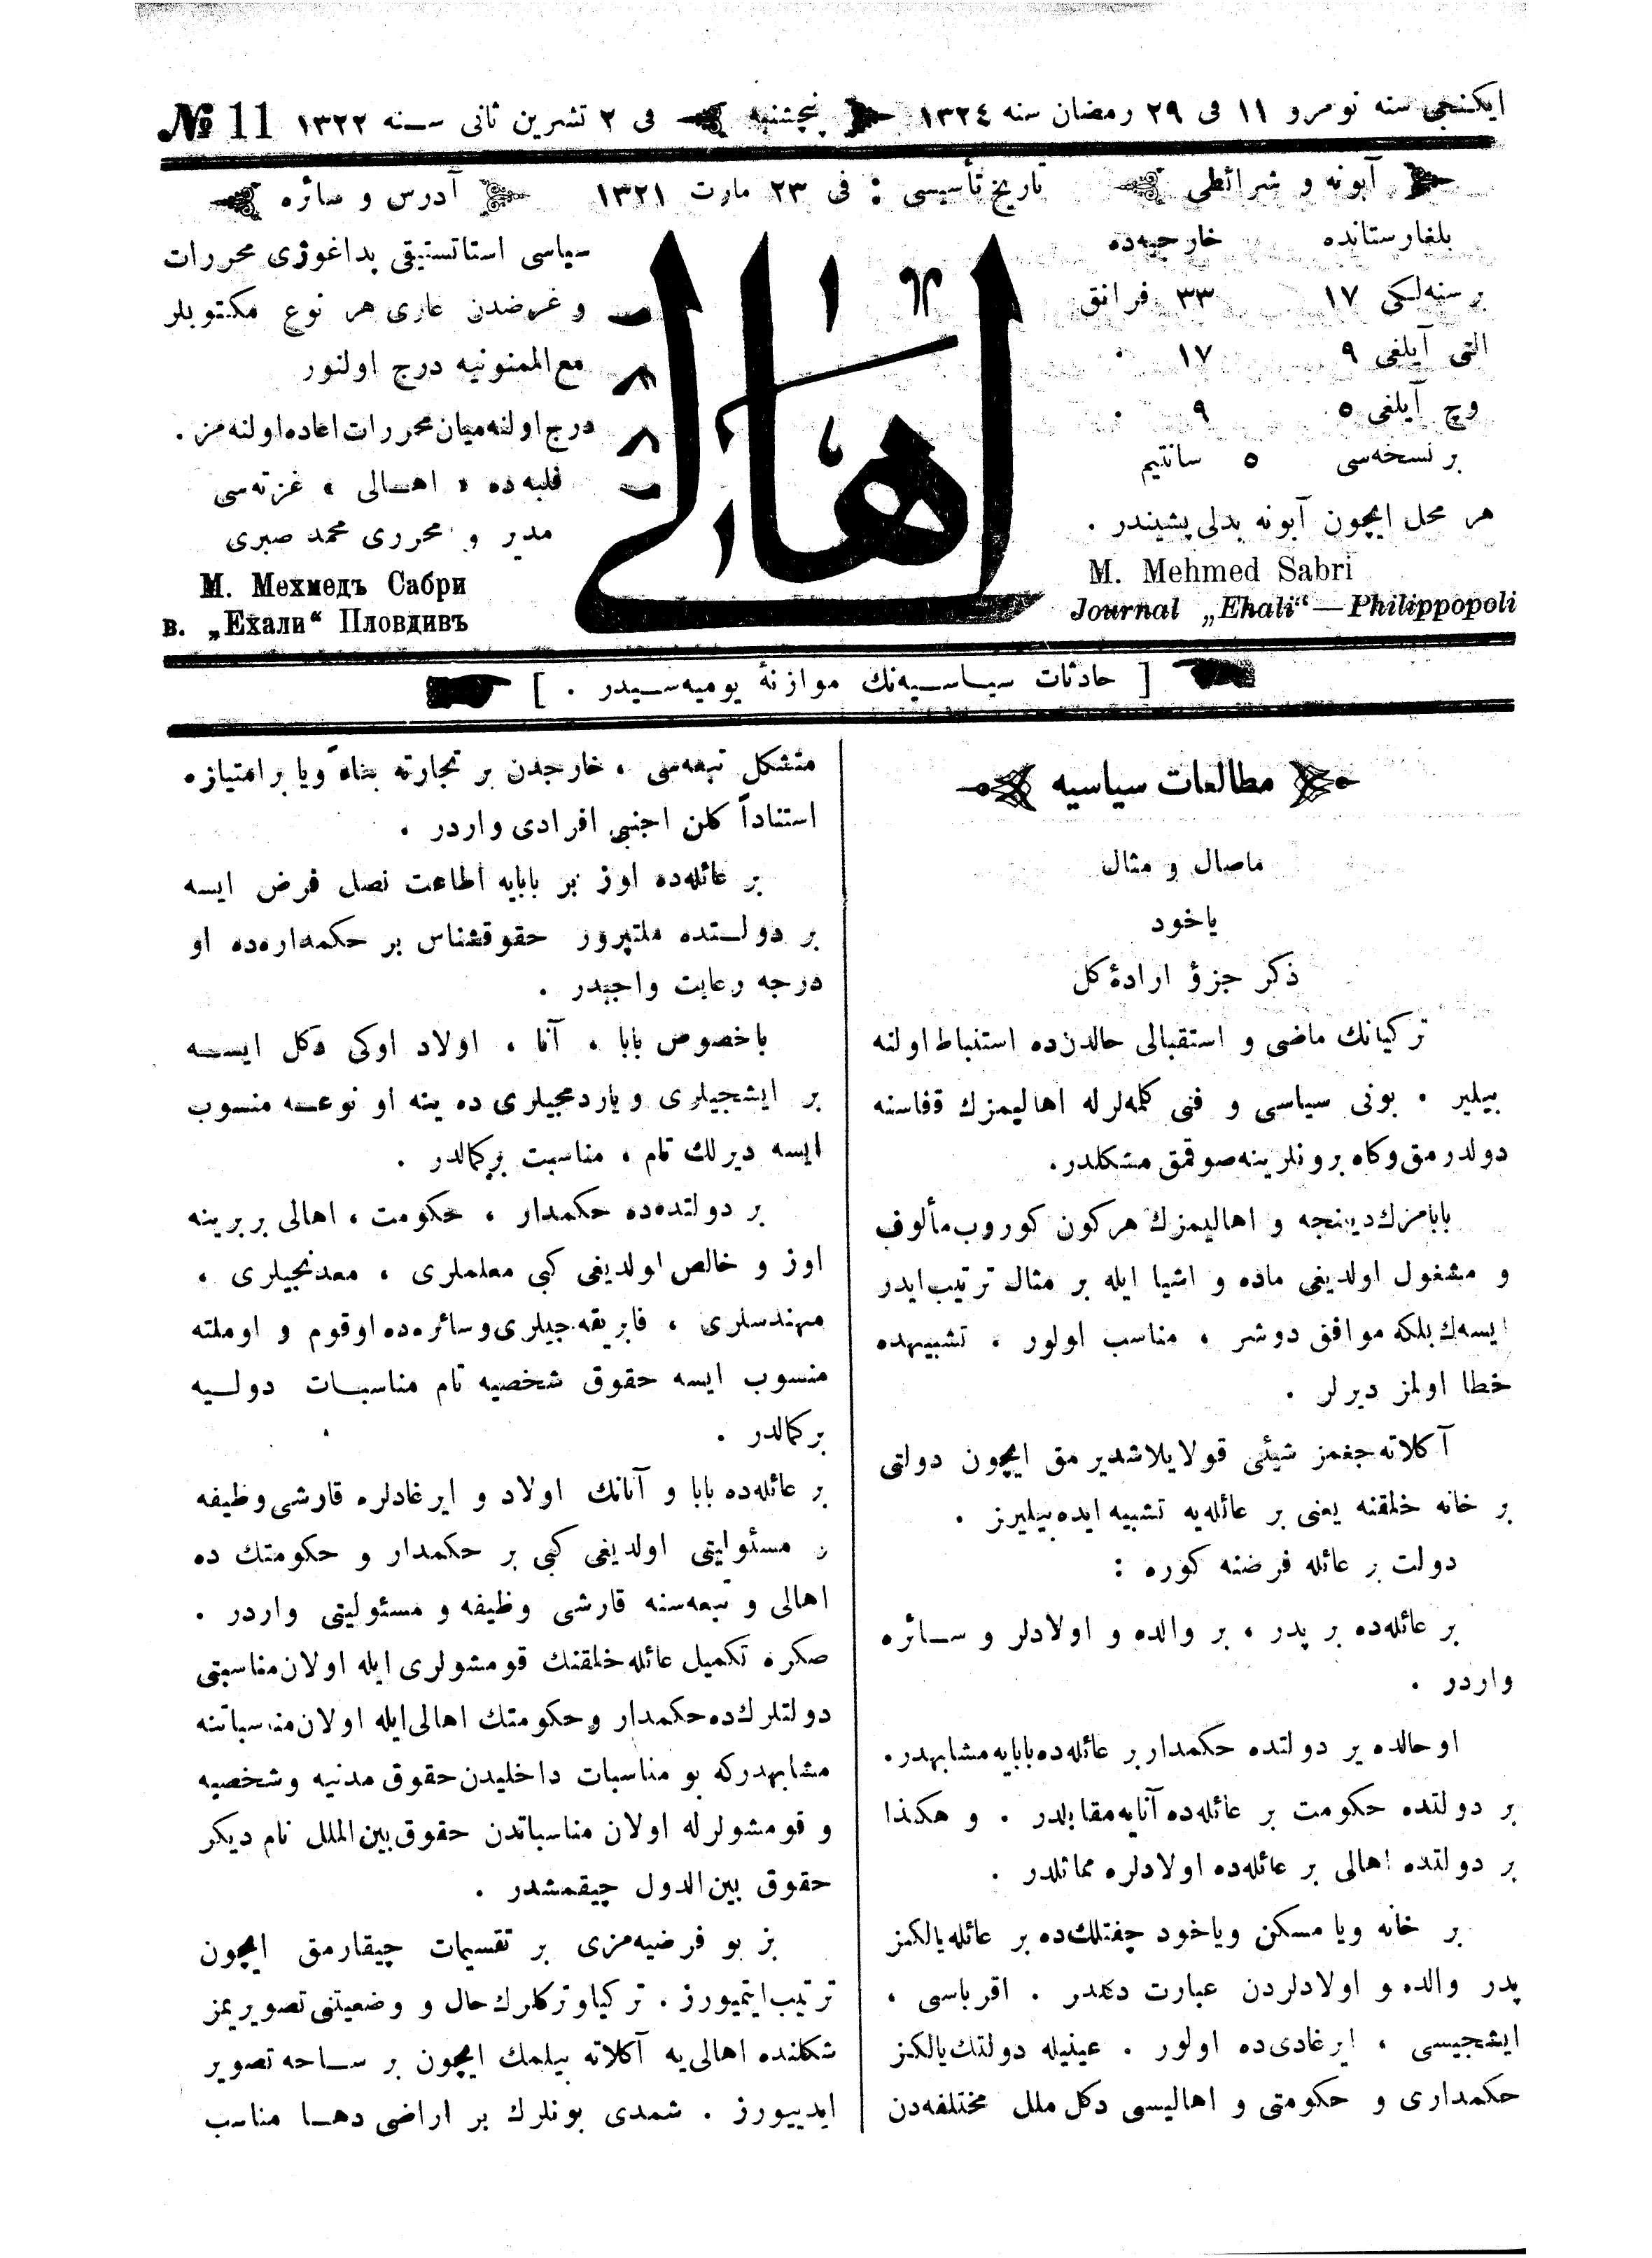 15 Kasım 1906 Tarihli Ahali (Filibe) Gazetesi Sayfa 1